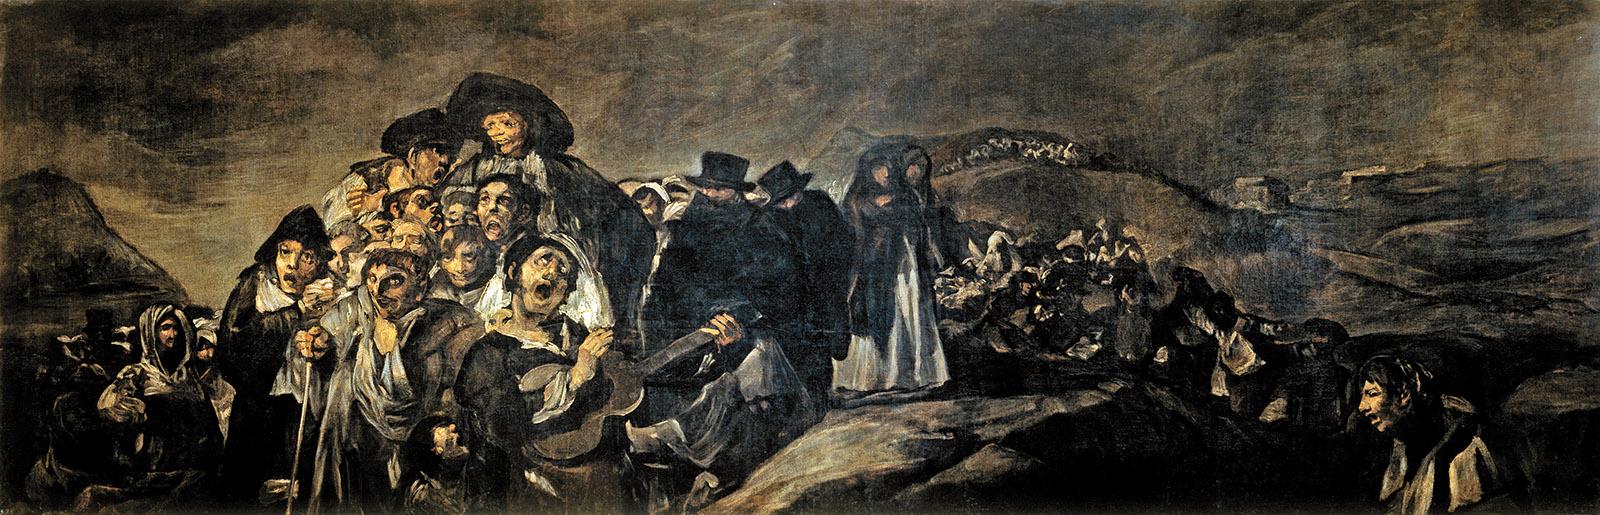 Francisco Goya: The Pilgrimage to San Isidro, 1820–1823